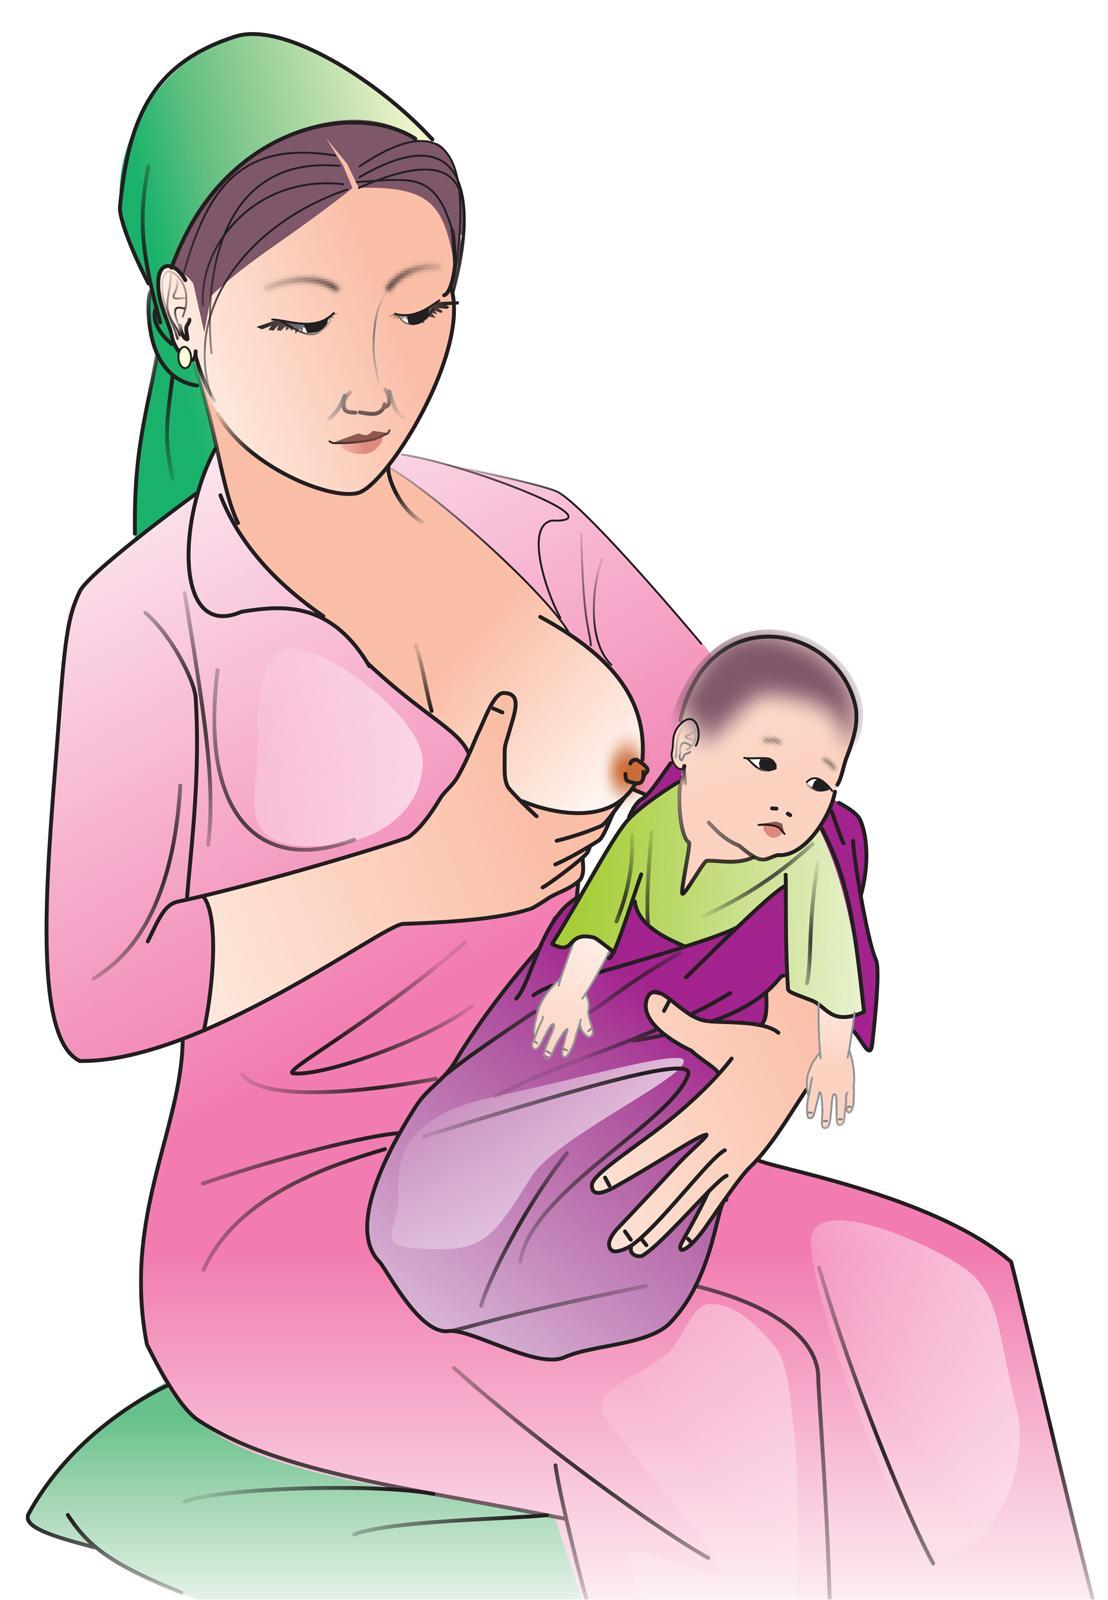 Sick Child Health - Breastfeeding a sick child 0-24mo - 01 - Kyrgyz Republic